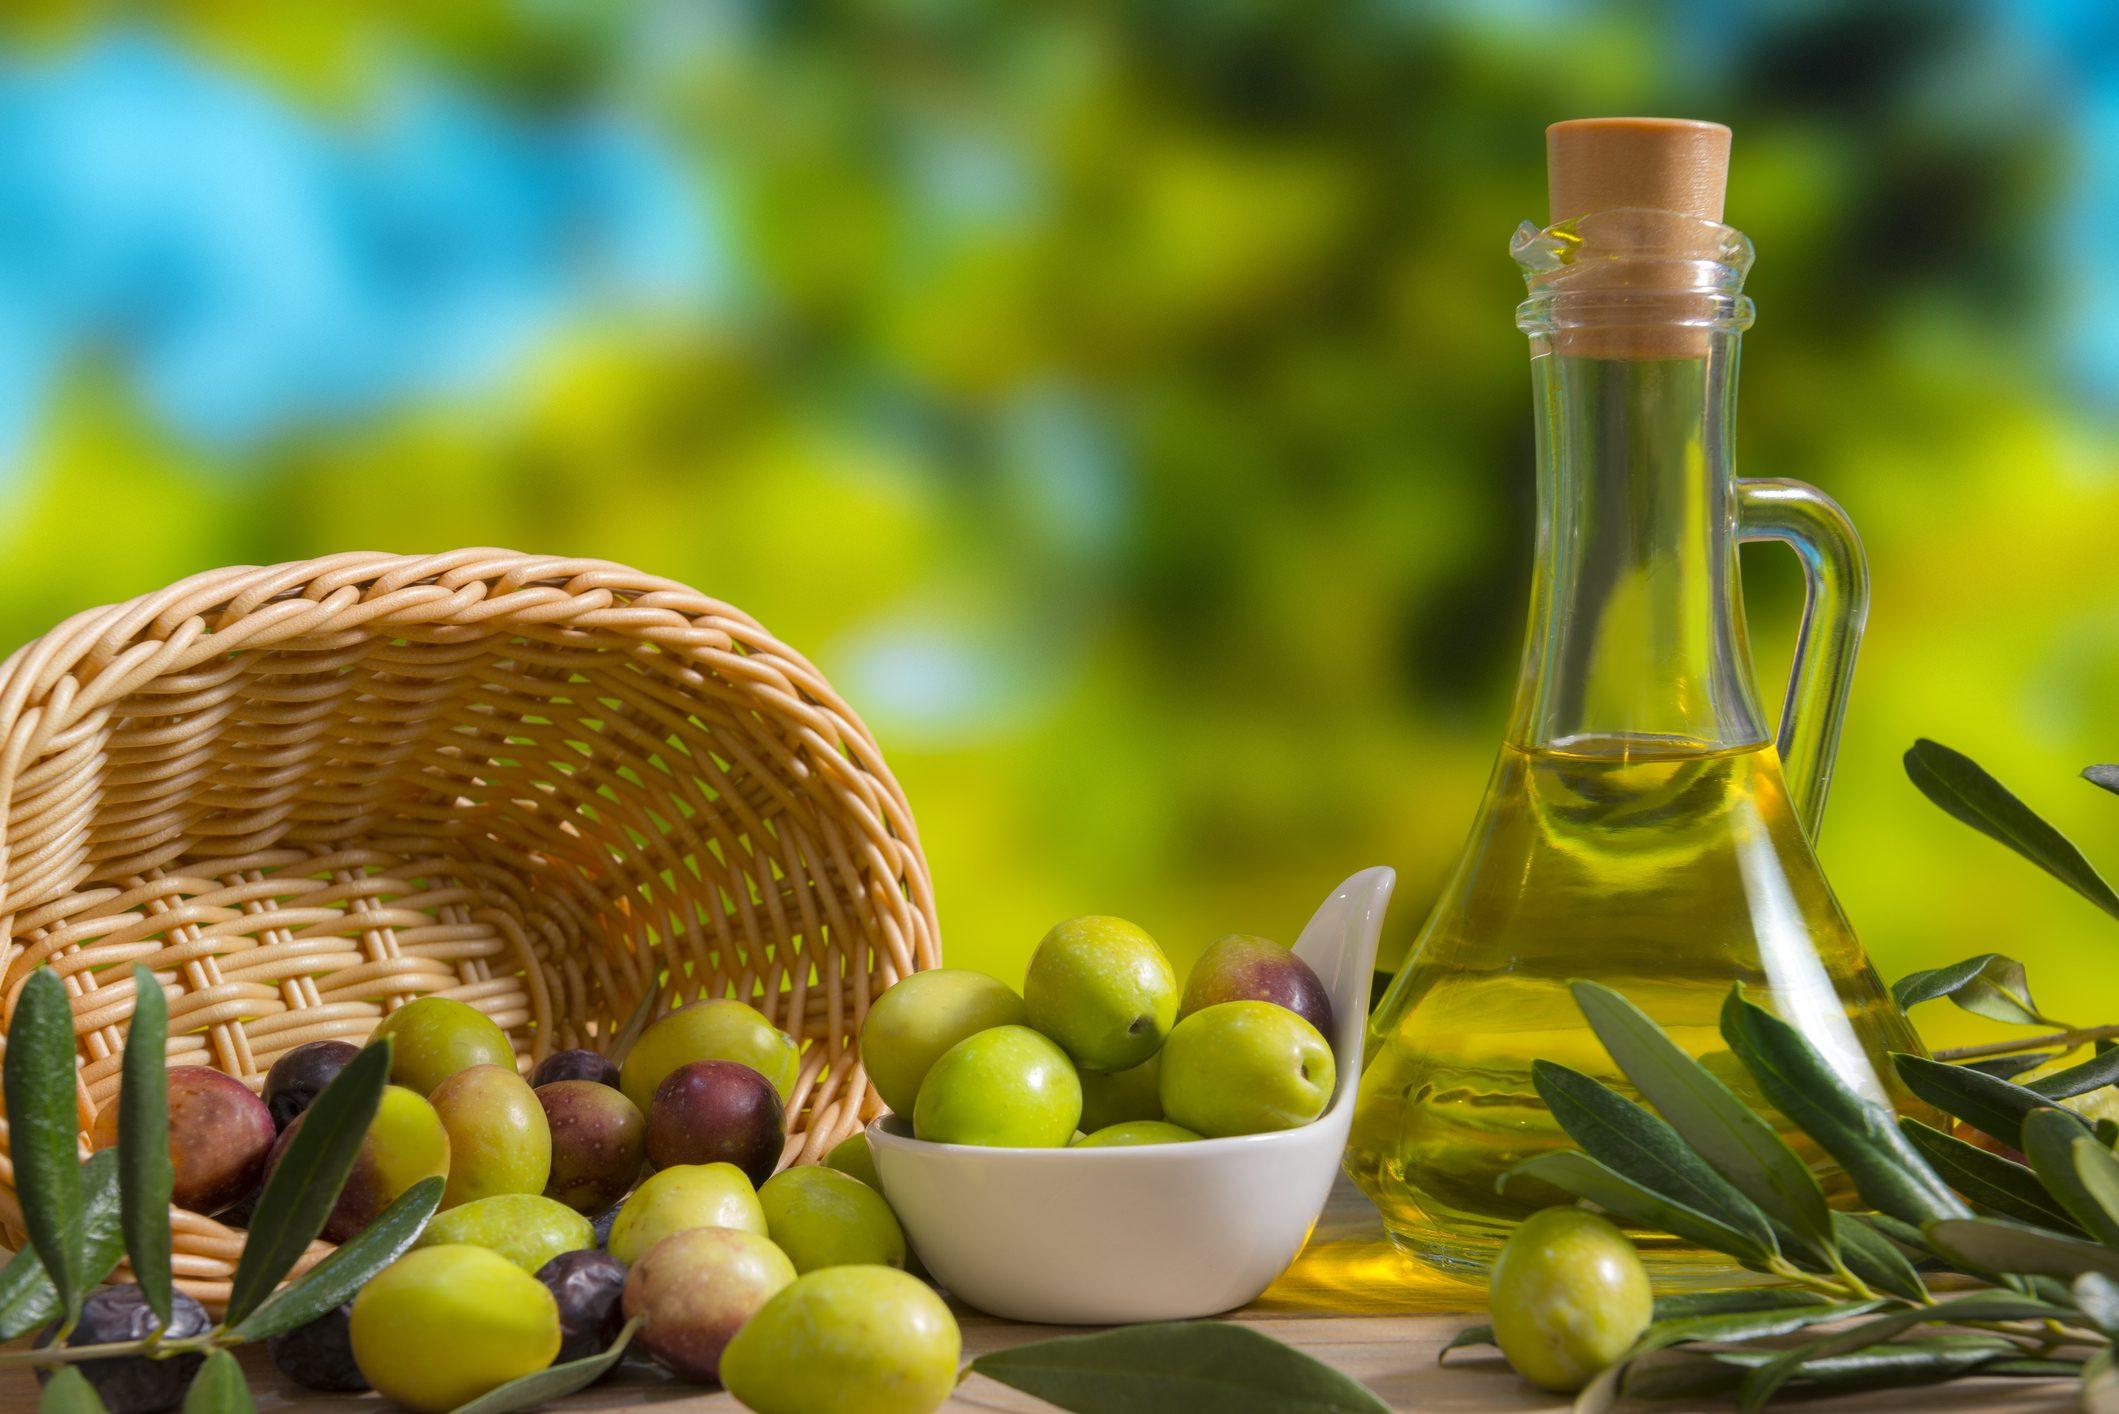 Non sai come scegliere l'olio extravergine per il ristorante? Olivante è ciò che fa per te